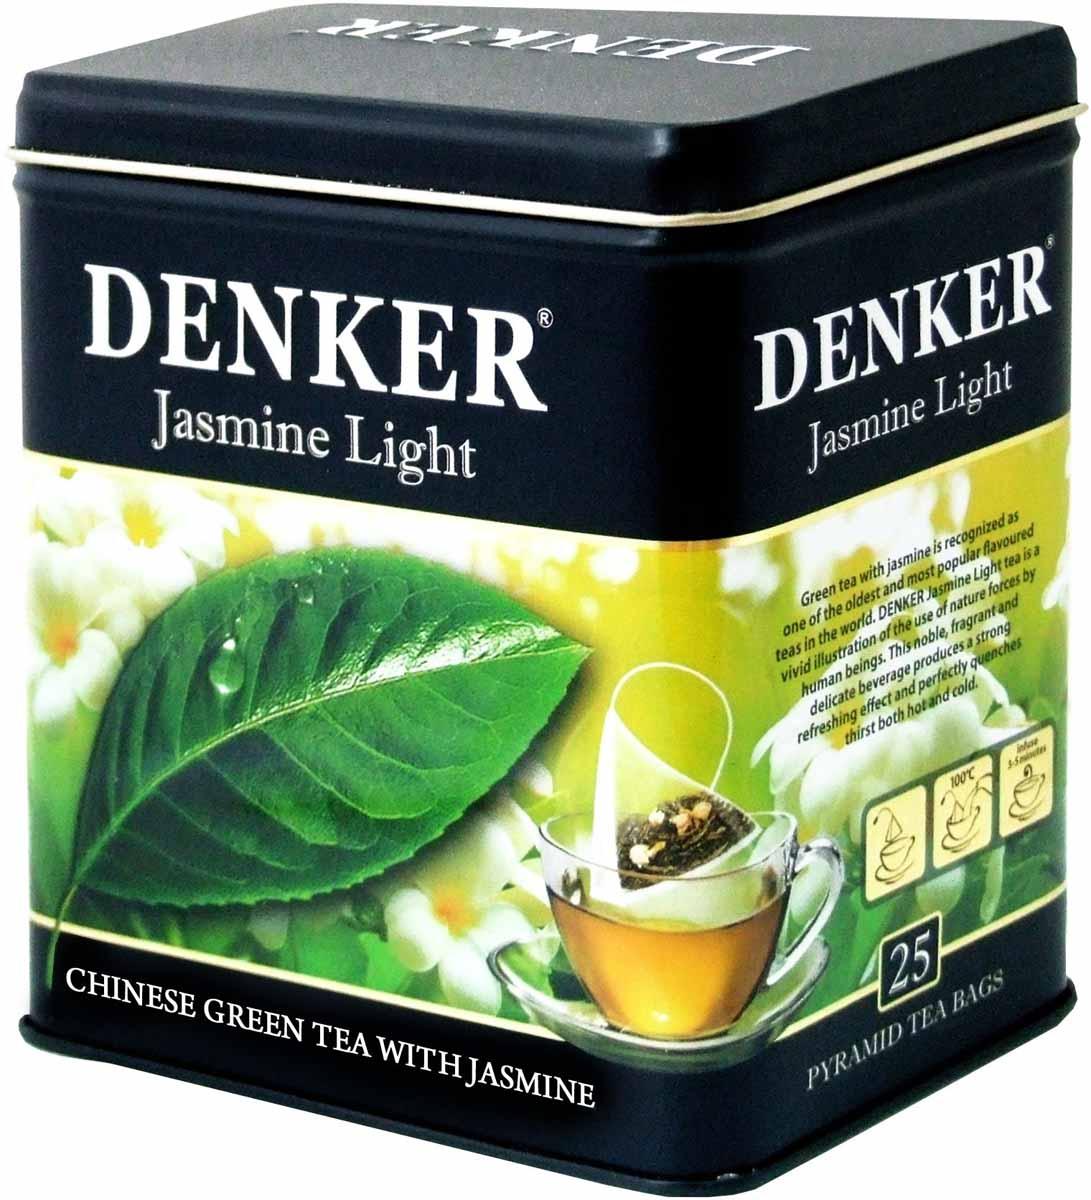 Denker Jasmine Light зеленый чай в пирамидках, 25 шт1080075Зеленый чай с лепестками жасмина считается одним из древнейших и наиболее популярных ароматизированных чаев в мире. Чай Denker Jasmine Light - яркий пример использования человеком естественных сил природы. Обладая мощным освежающим действием, этот ароматный и нежный на вкус благородный напиток прекрасно утоляет жажду как в горячем, так и в холодном виде.